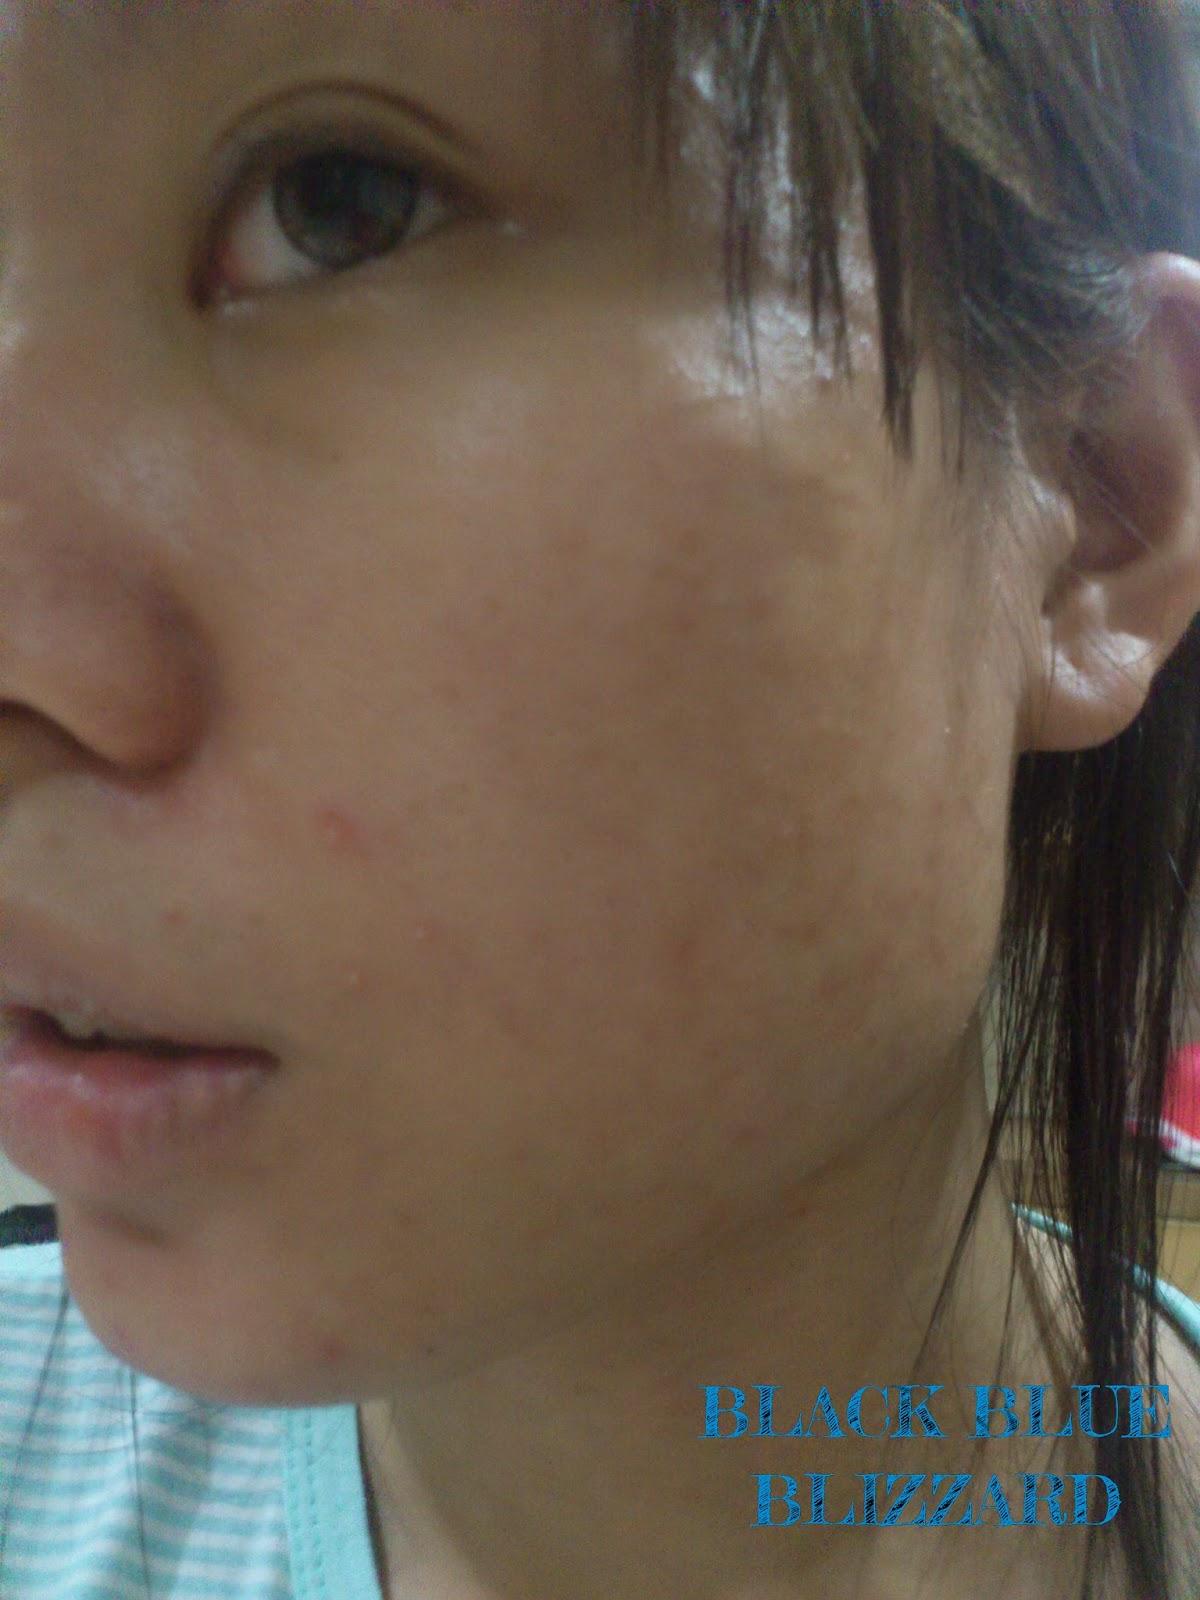 menard 6 color mask, menard facial salon indonesia, enard facial salon jakarta, menard clean pack, menard beauness, menard facial salon review, menard clean pack review